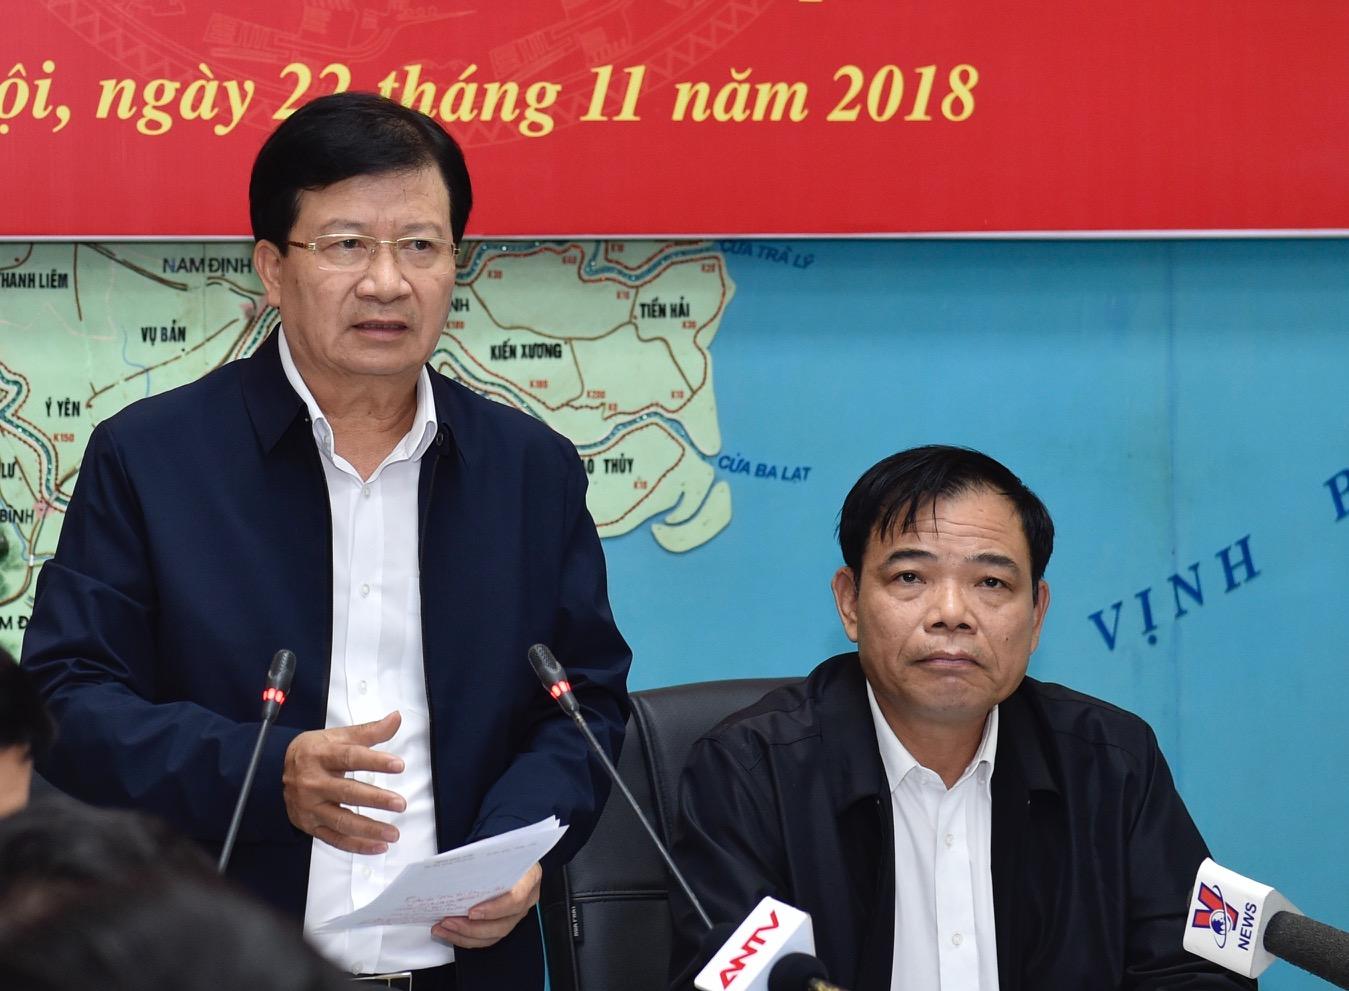 Phó Thủ tướng Trịnh Đình Dũng phát biểu tại cuộc họp. Ảnh: VGP/Nhật Bắc